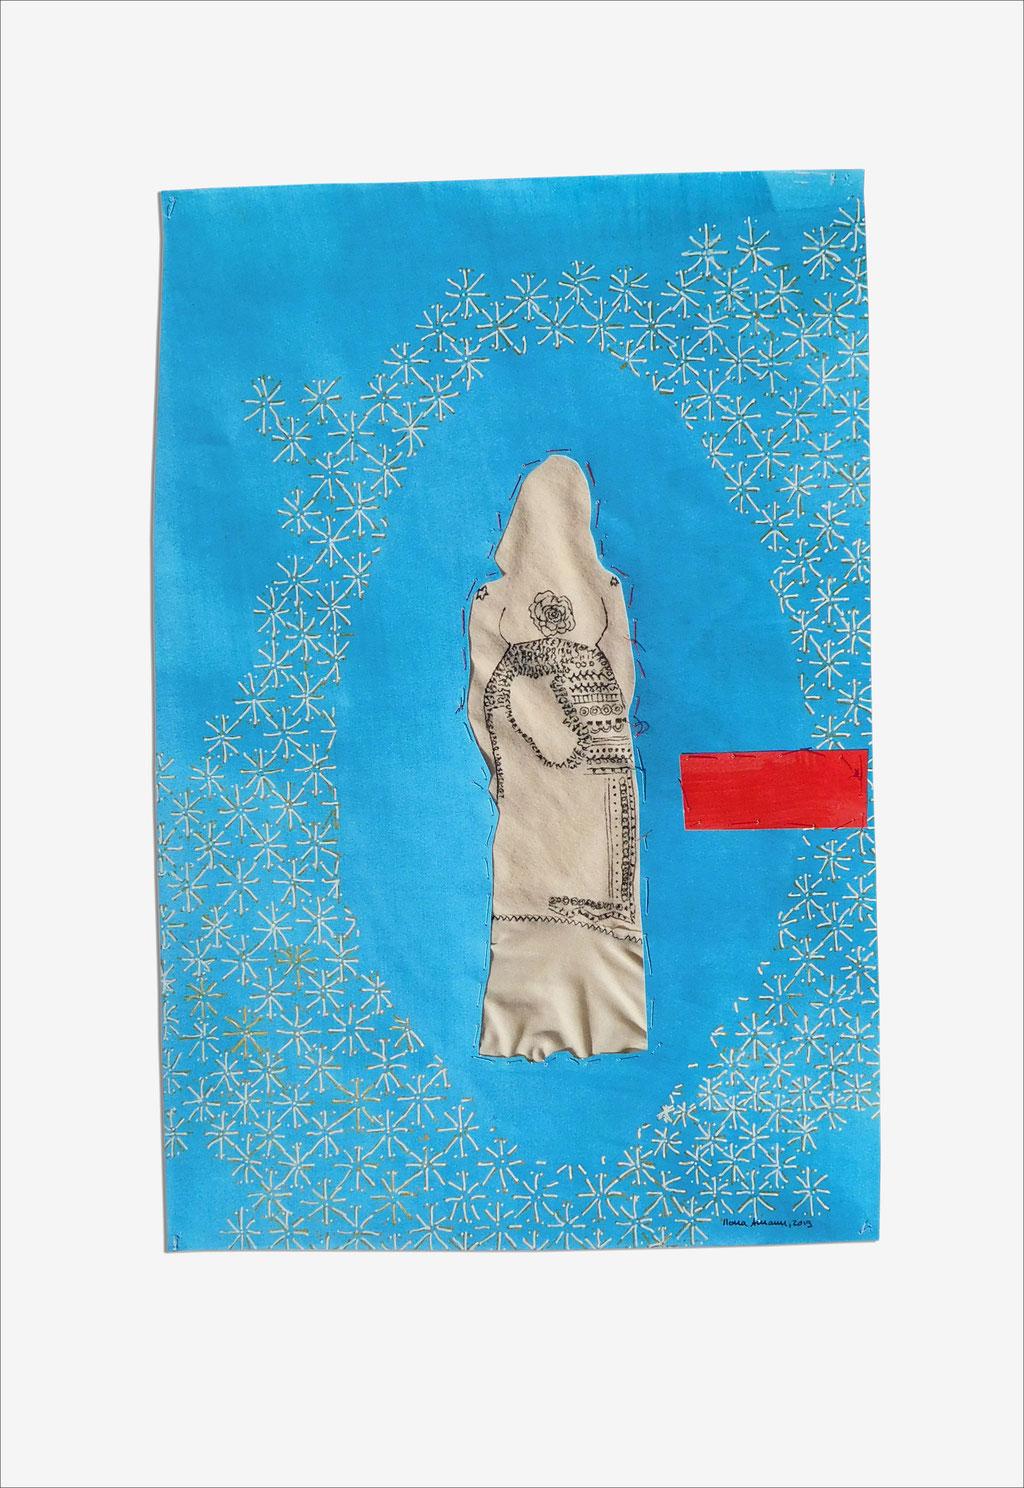 """aus der Serie """"die weinende Mutter"""", 2019, Technik: Papierarbeit, Collage, Stickerei, Größe: 60 cm x 42 cm, in Privatbesitz"""